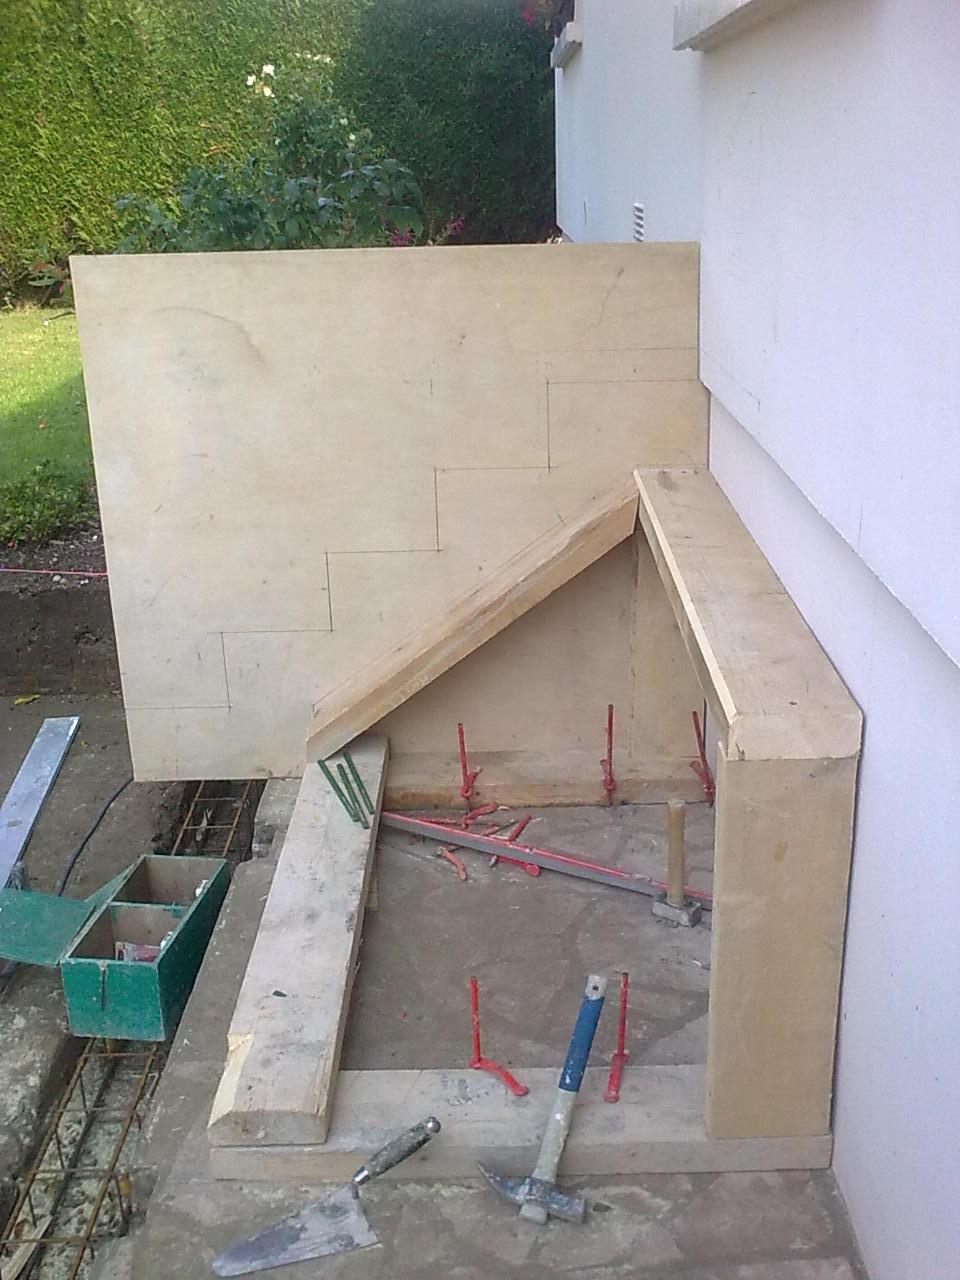 etapes pour la fabrication d 39 un escalier b ton entreprise de ma onnerie et carrelage du havre. Black Bedroom Furniture Sets. Home Design Ideas